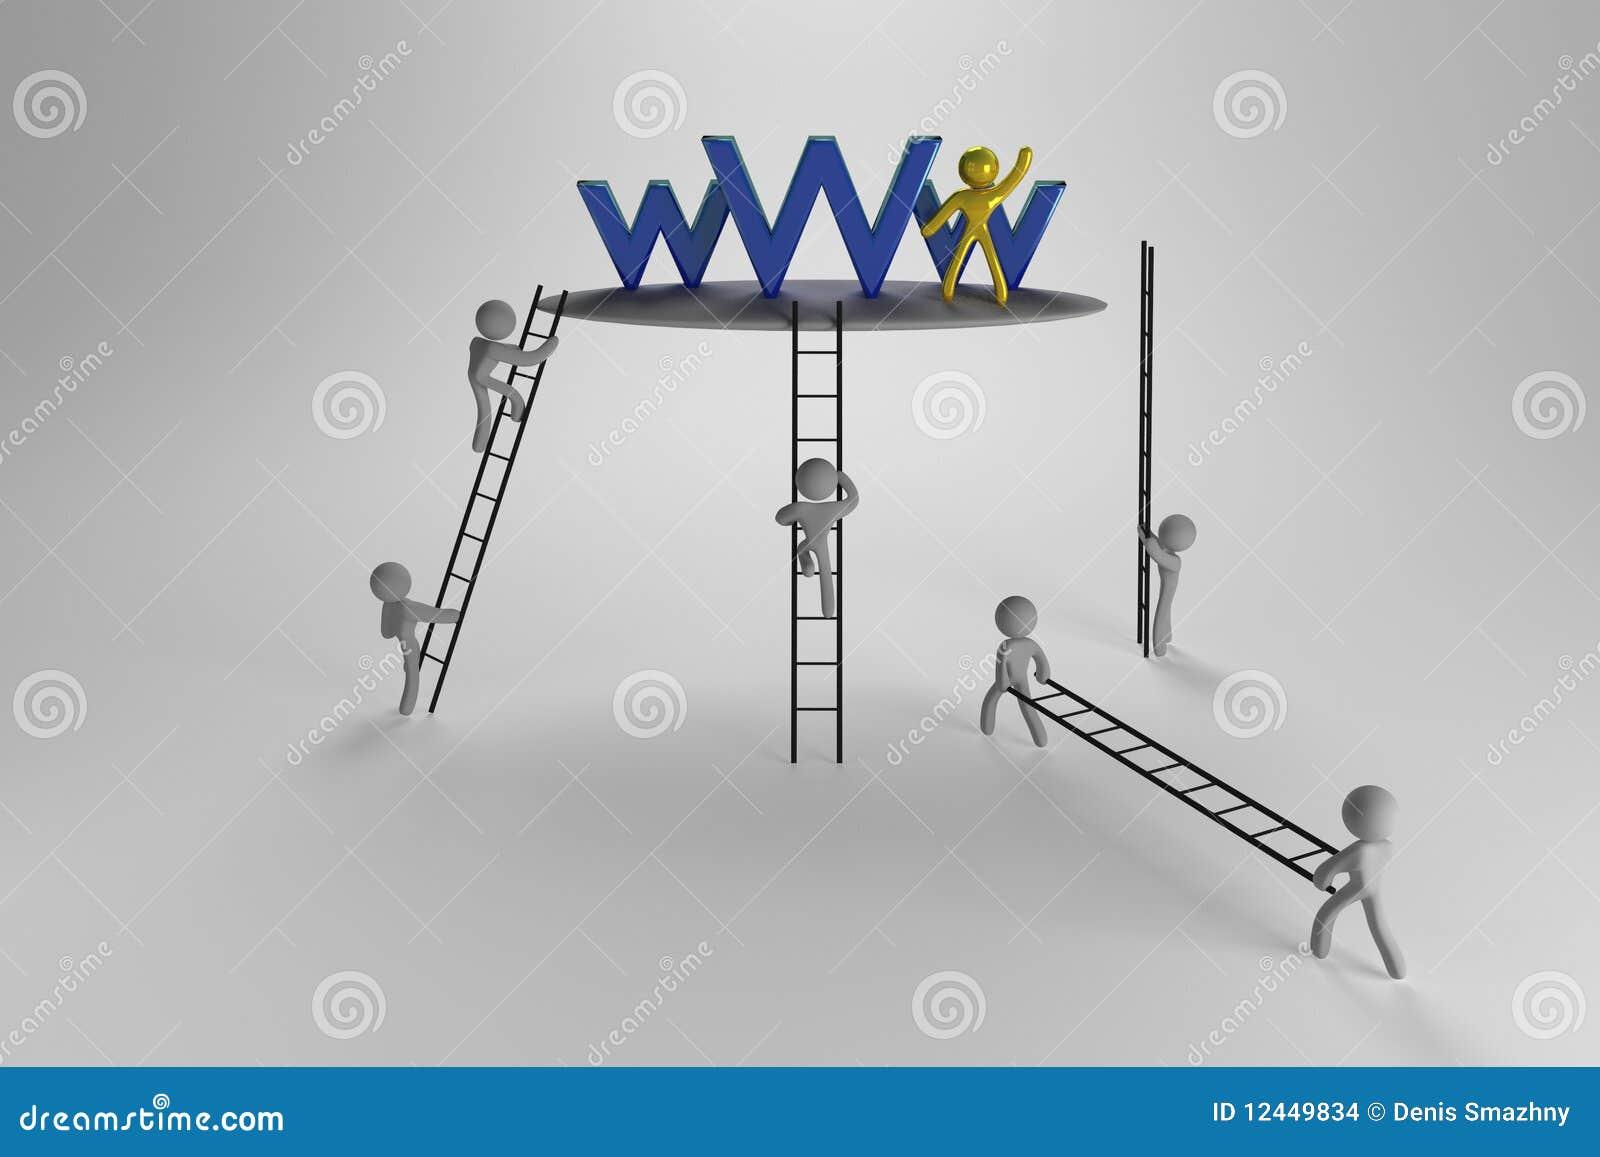 Povos em WWW